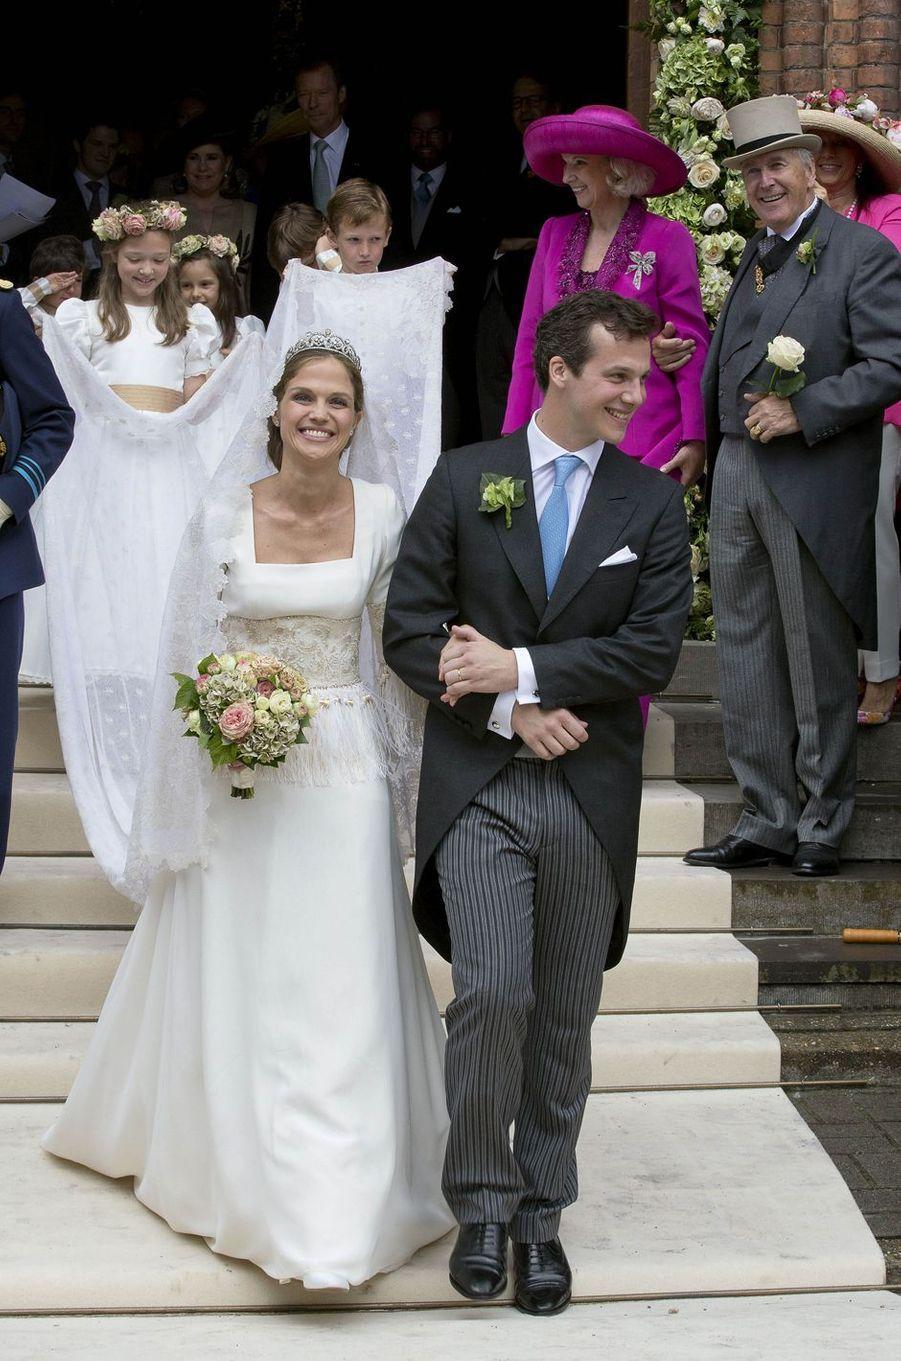 La princesse Alix de Ligne, fille aînée de Michel de Ligne, quatorzième prince et chef de la maison de Ligne, a épousé le comte français Guillaume de Dampierre, ce samedi 18 juin.